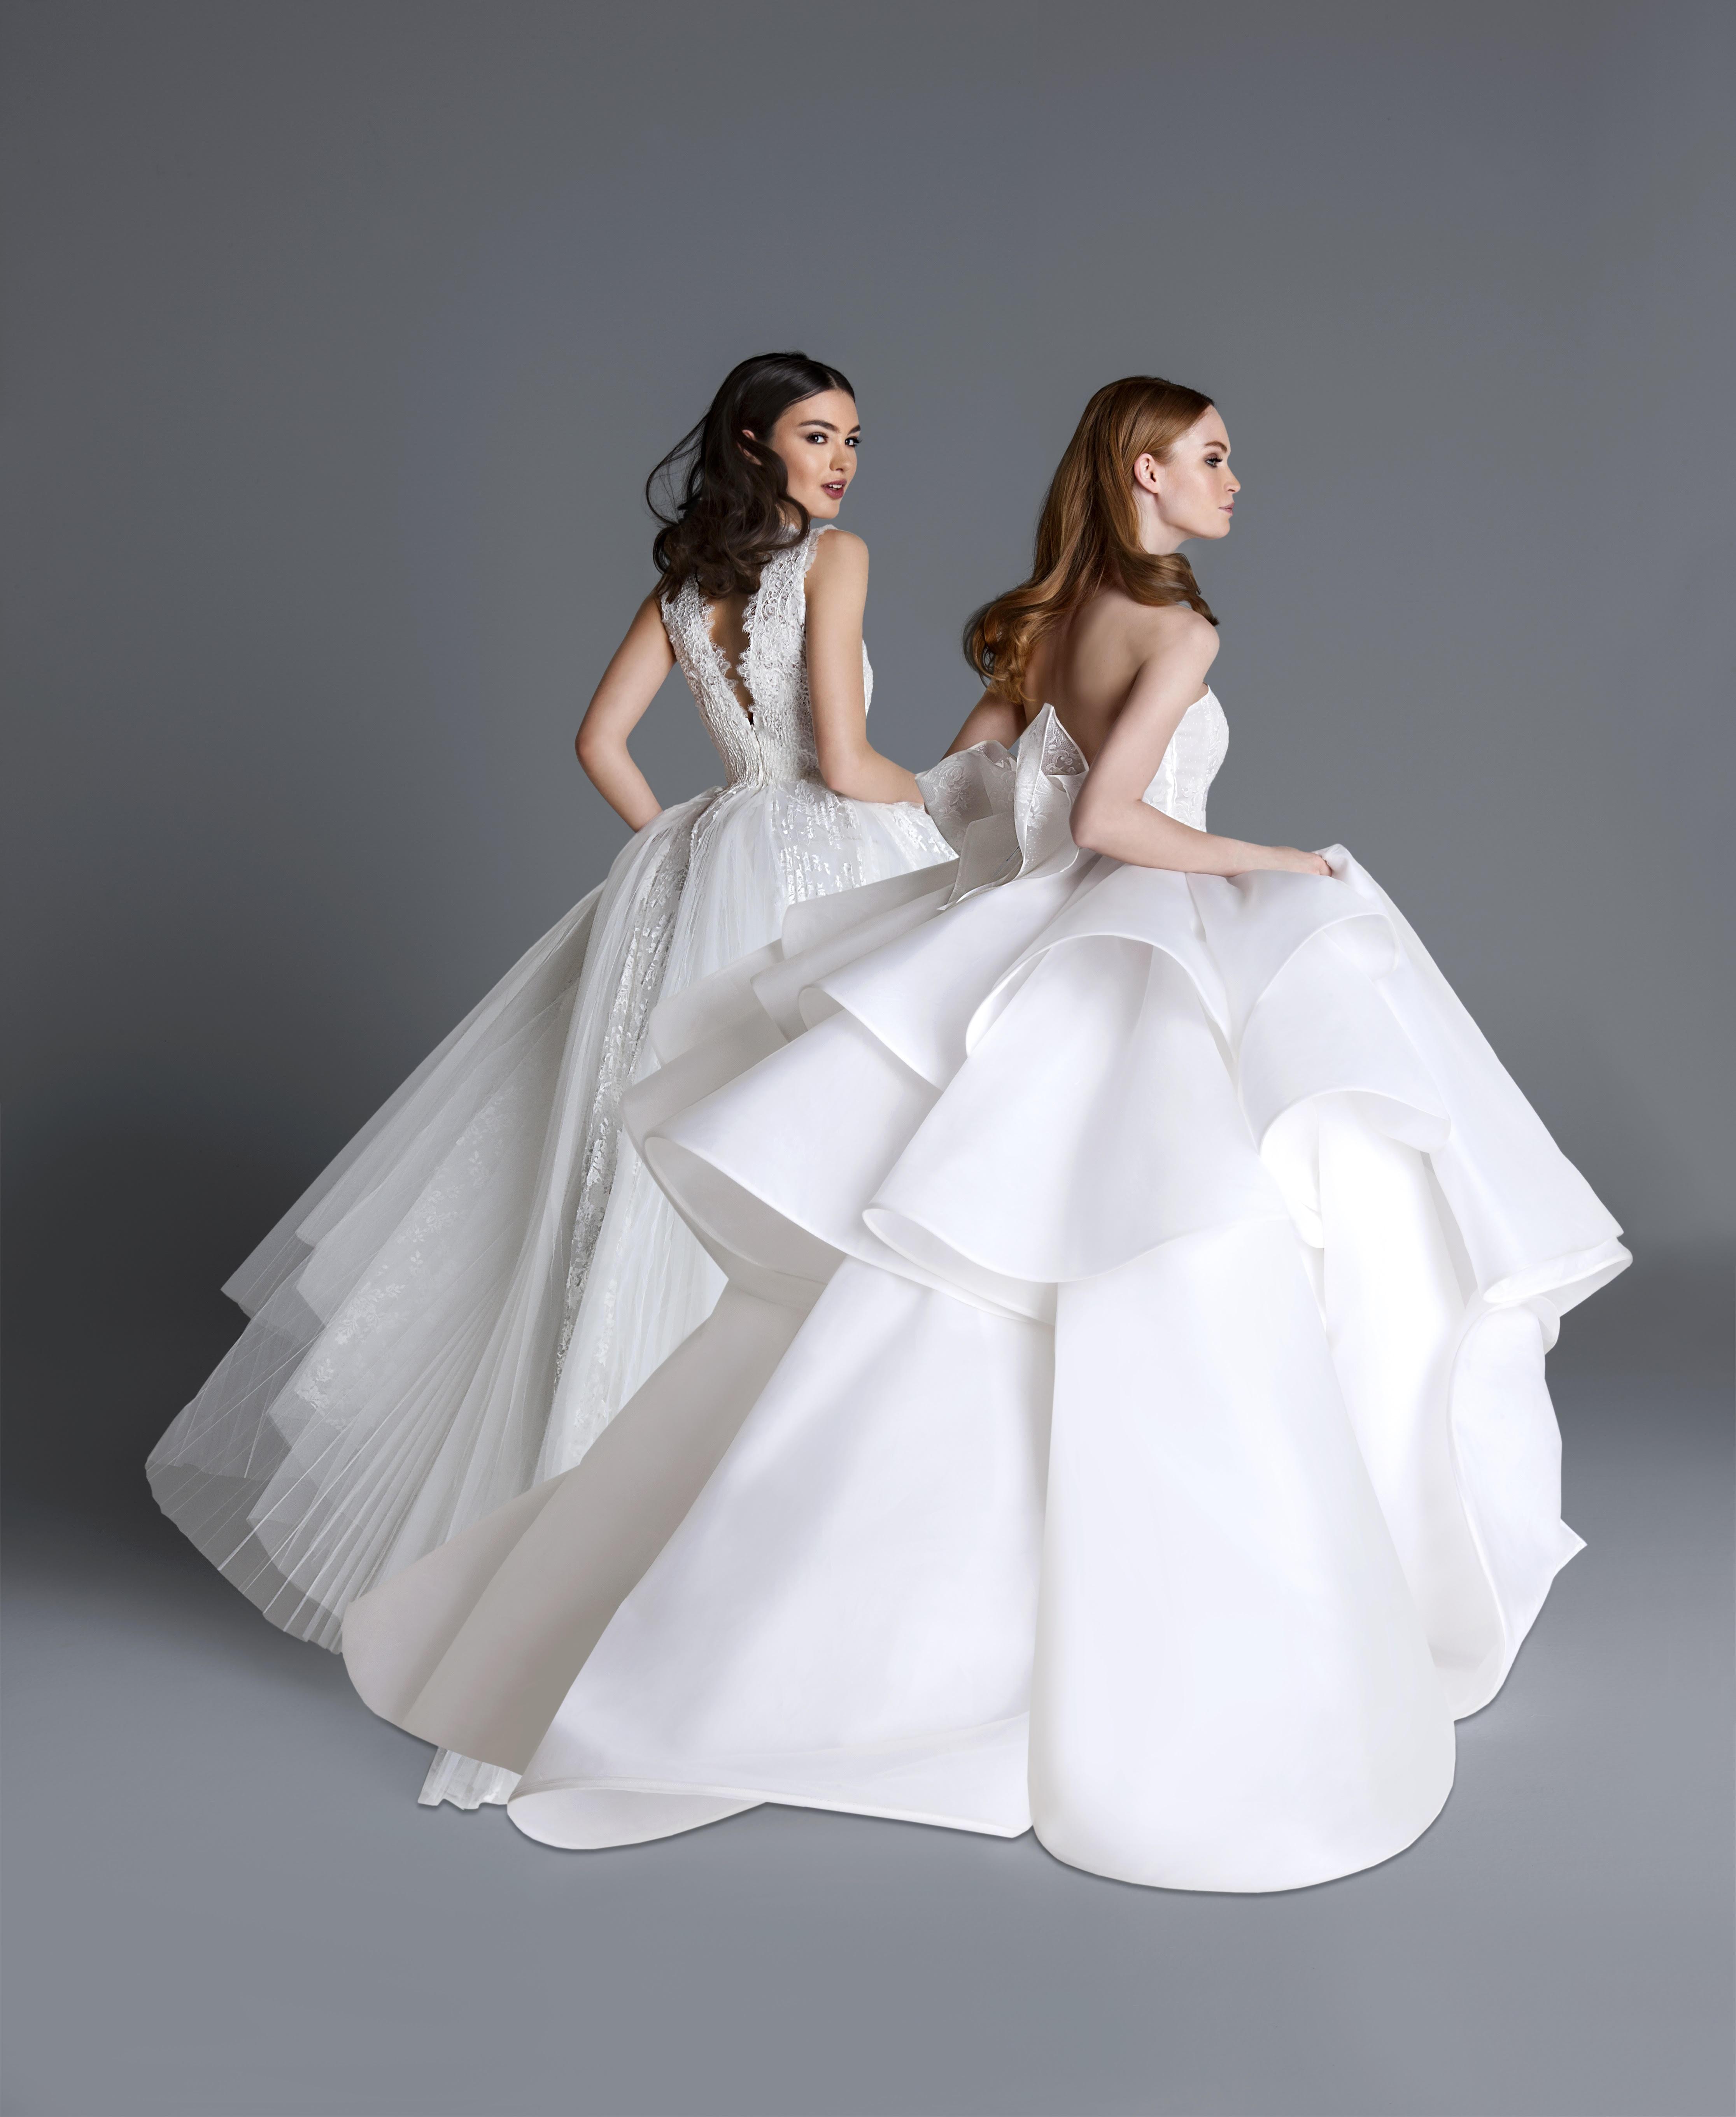 e88f9bbda959 Antonio Riva  l intervista allo stilista delle spose - DireDonna